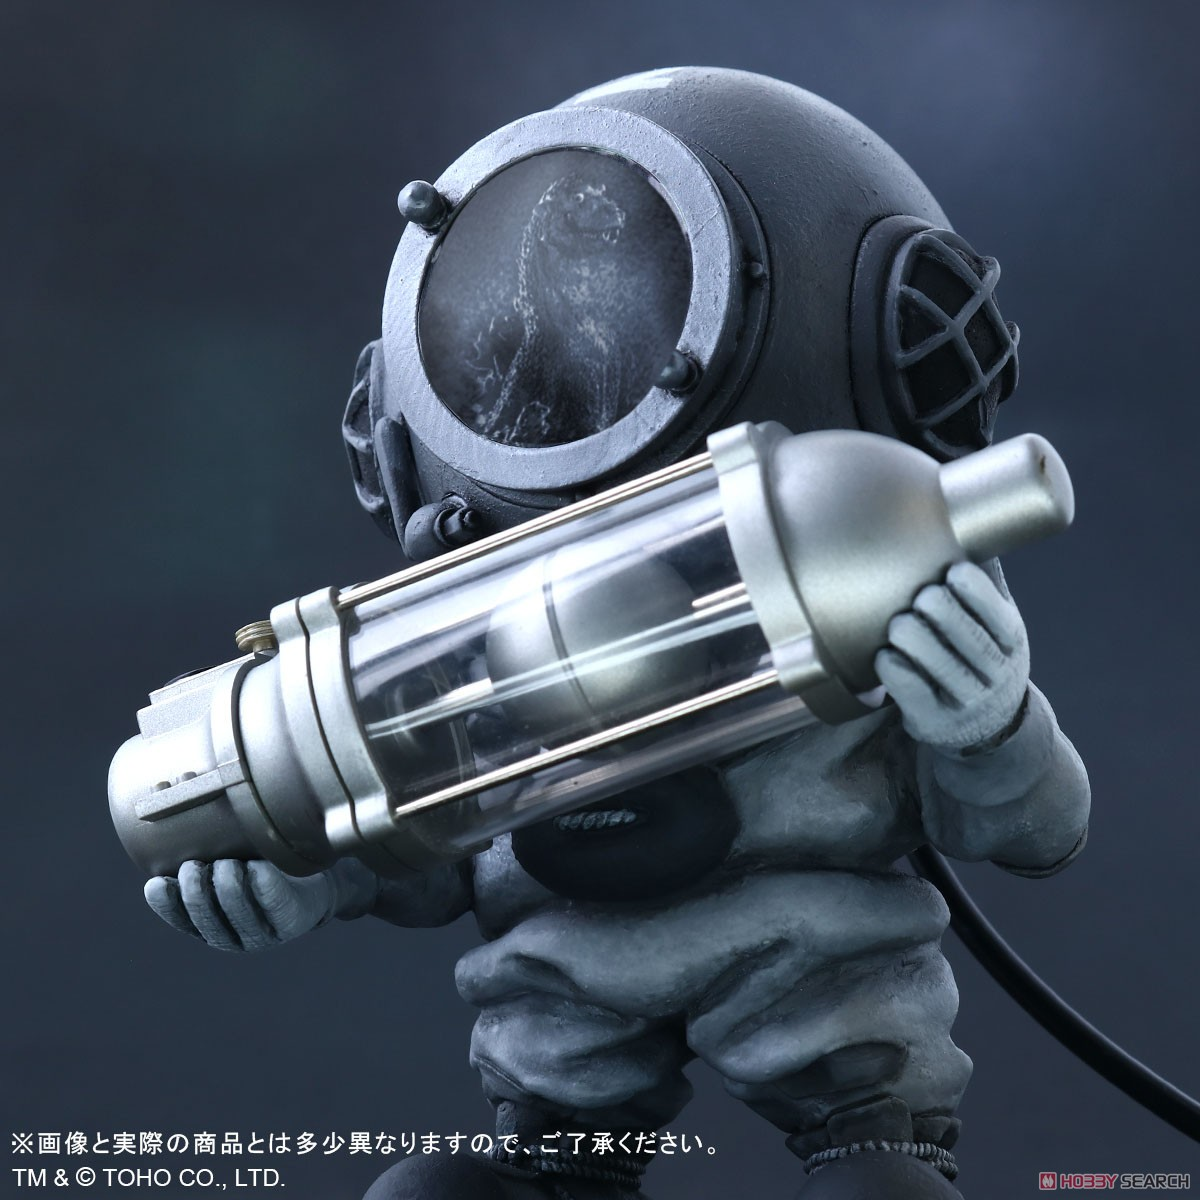 デフォリアル『芹沢博士 モノクロVer.』ゴジラ デフォルメ完成品フィギュア-006